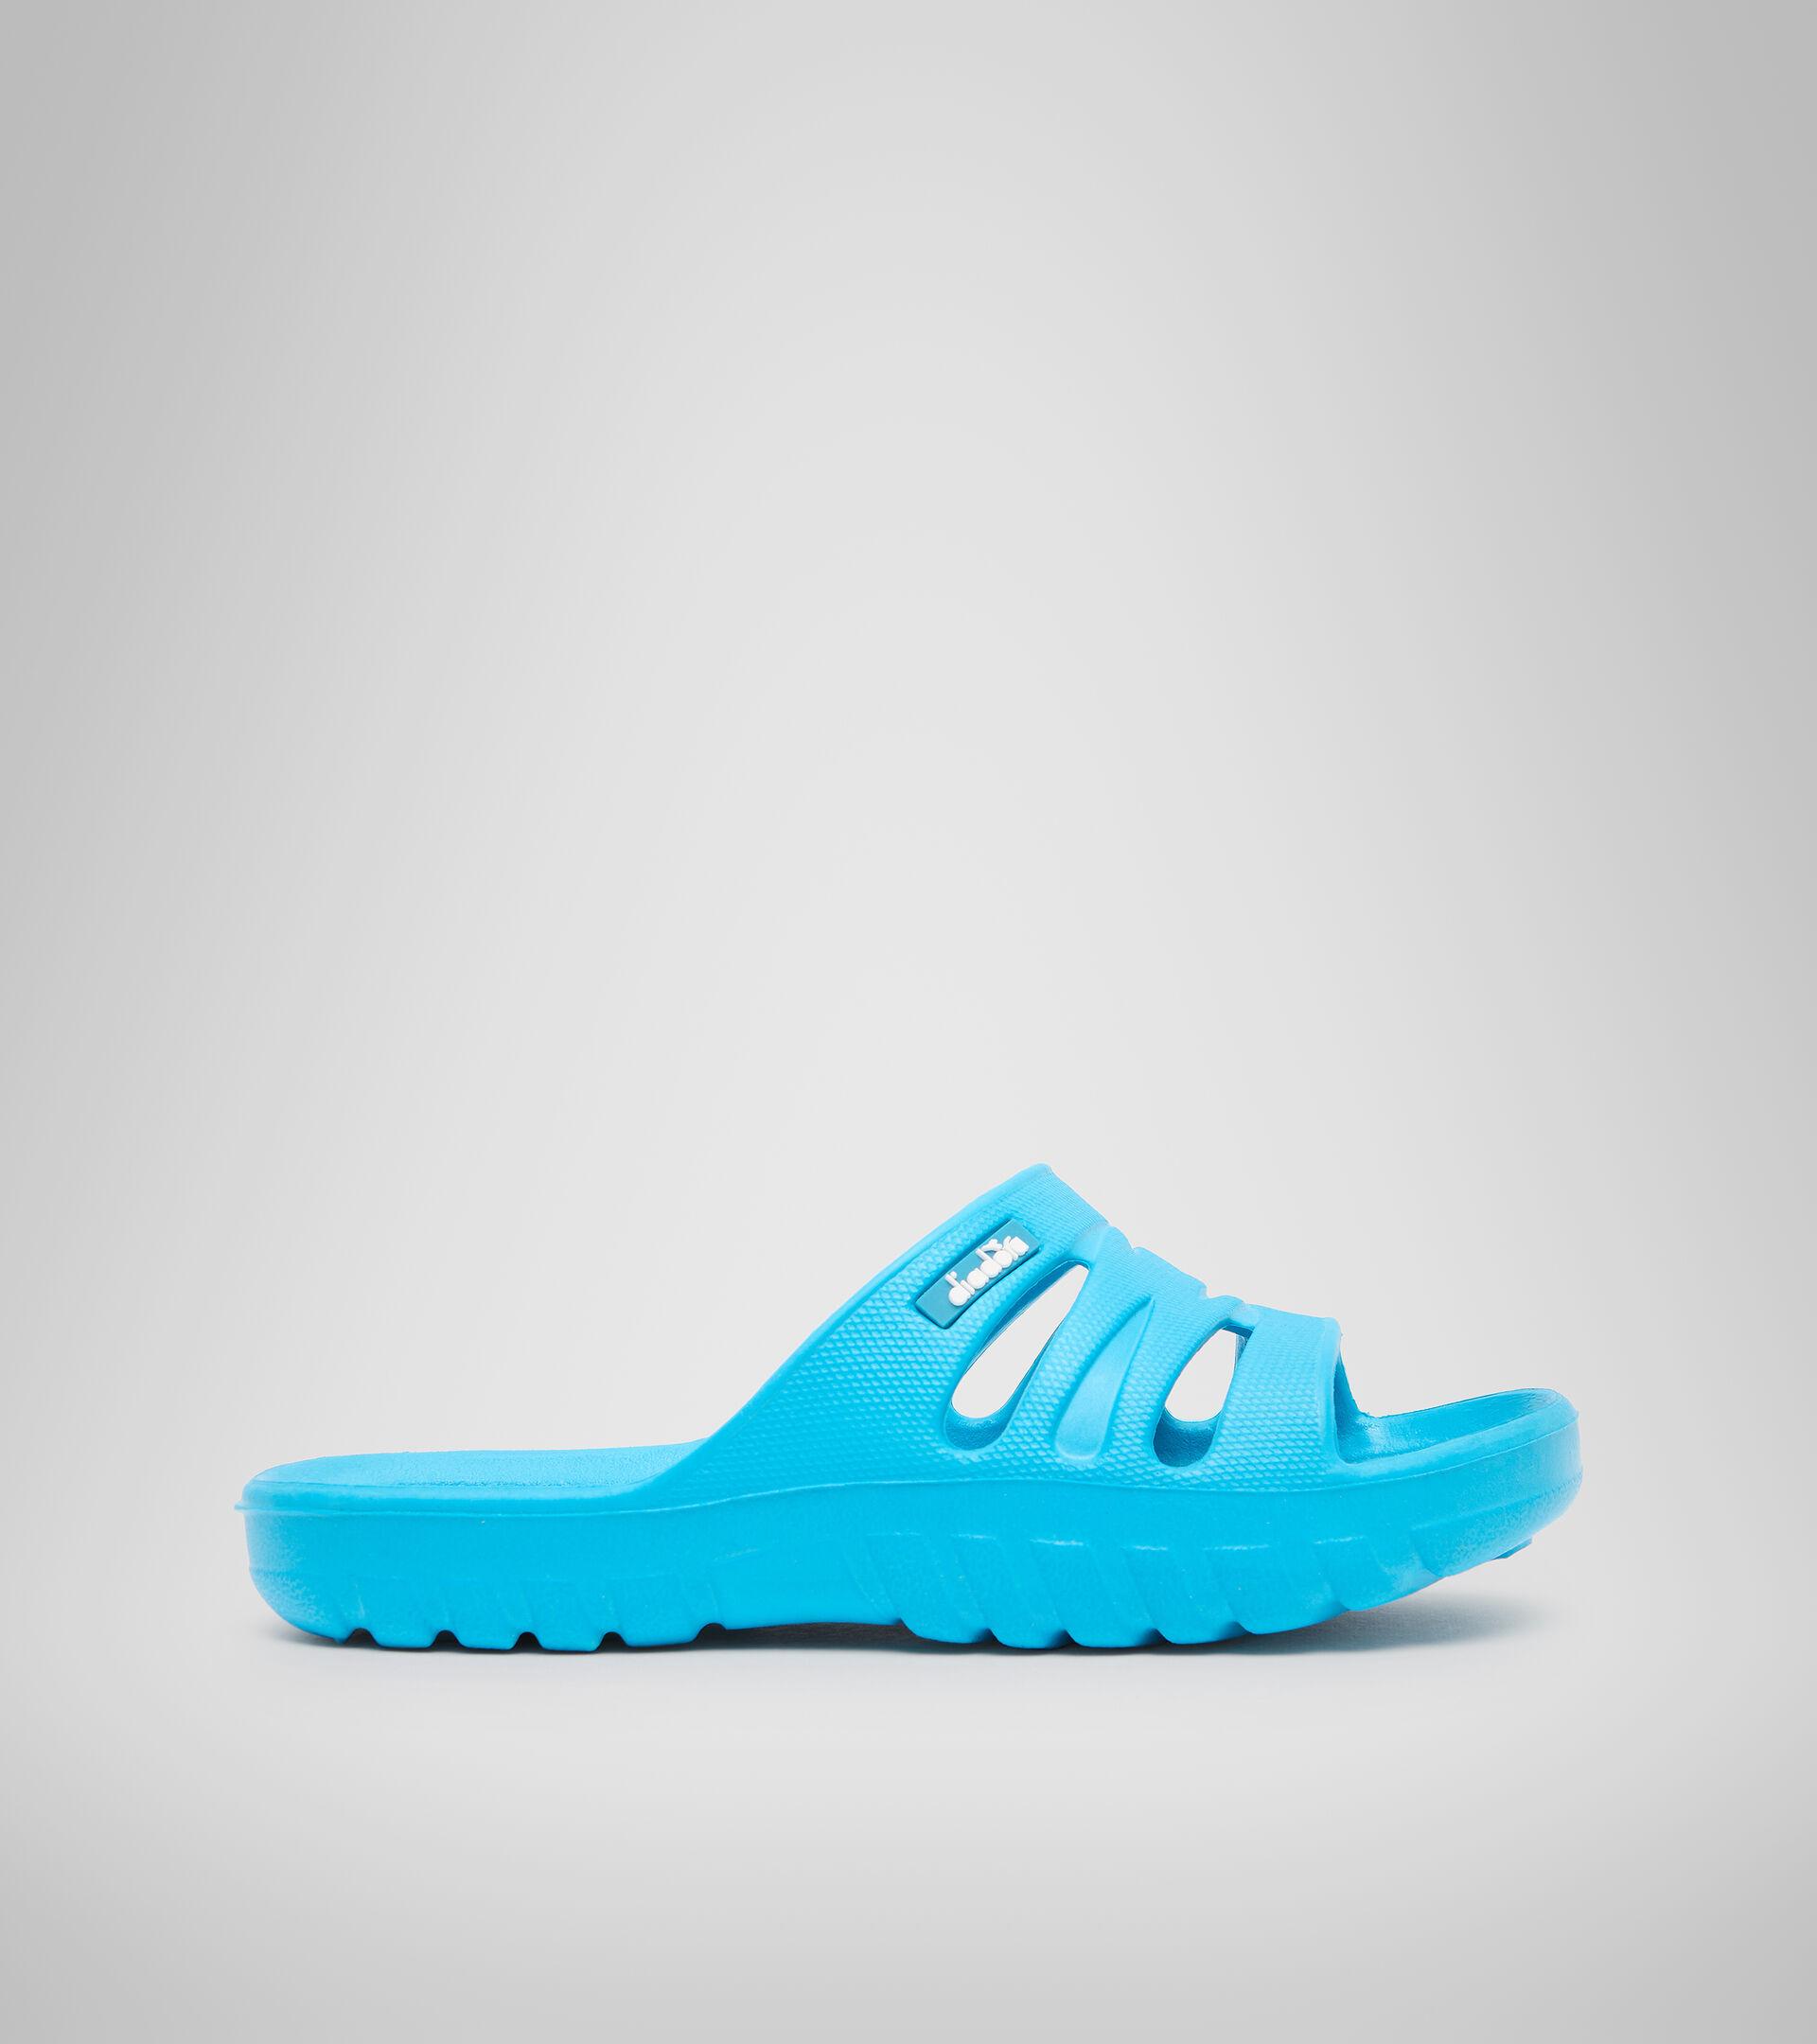 Zapatilla deportiva - Unisex niños AGADIR JR BOX AZUL TURQUESA FLUO - Diadora